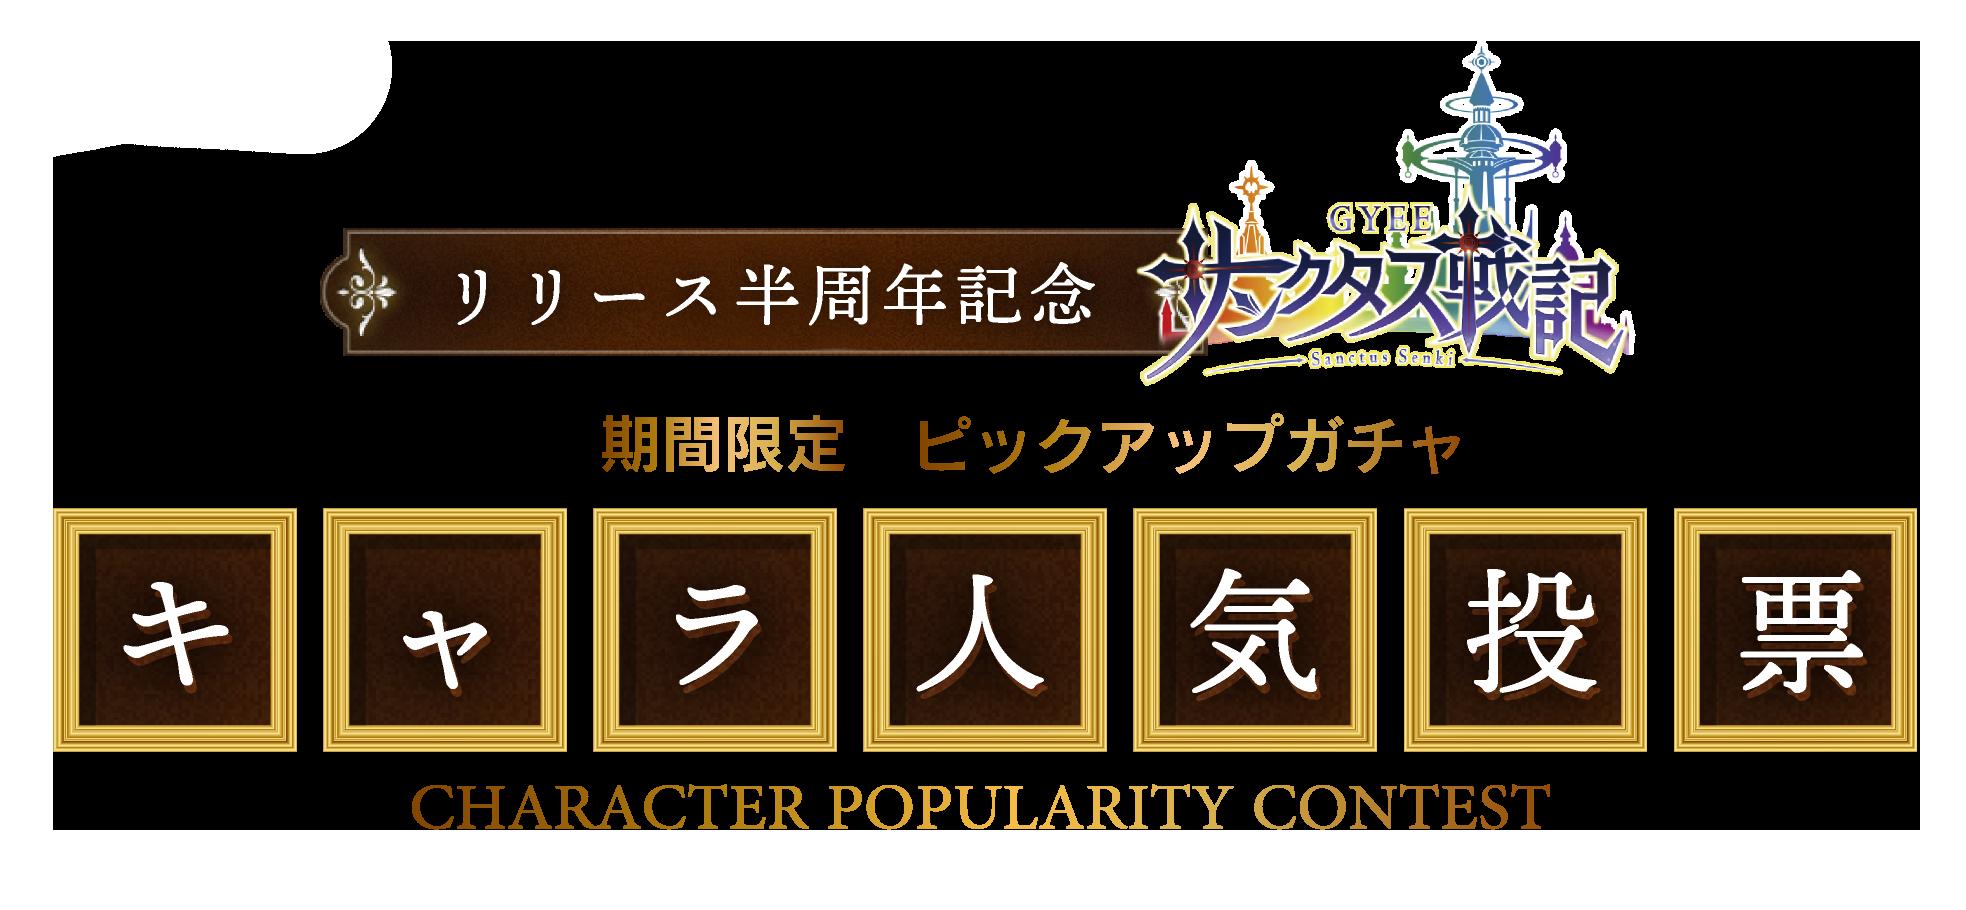 サンクタス戦記日本版リリース半周年記念 | キャラクター投票